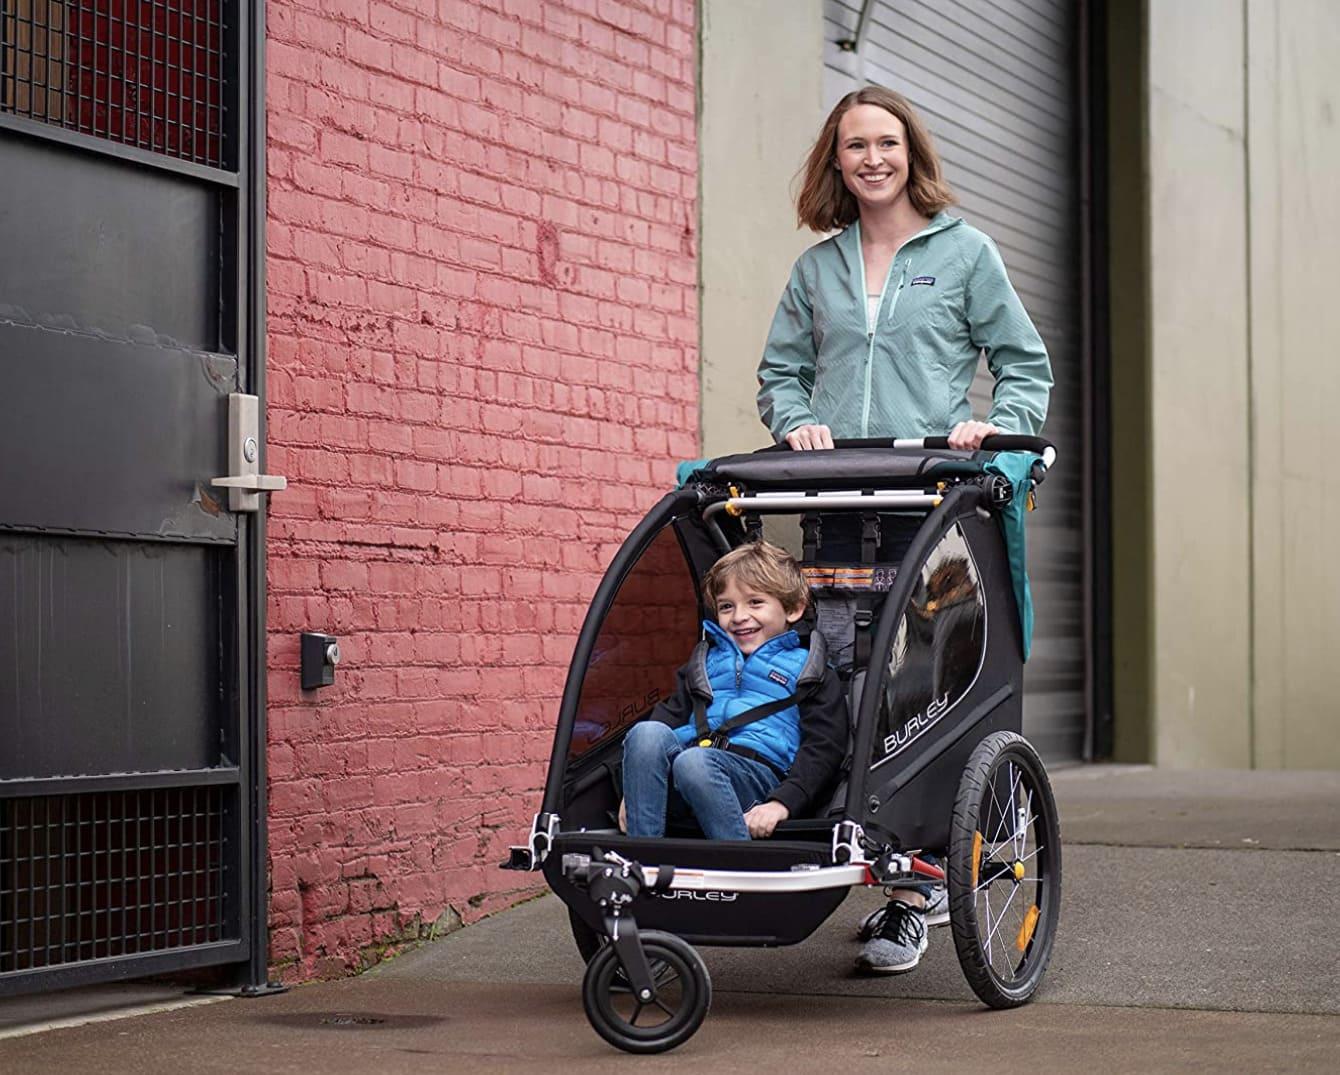 madre empujando el remolque bicicleta como cohecito de paseo Encore X